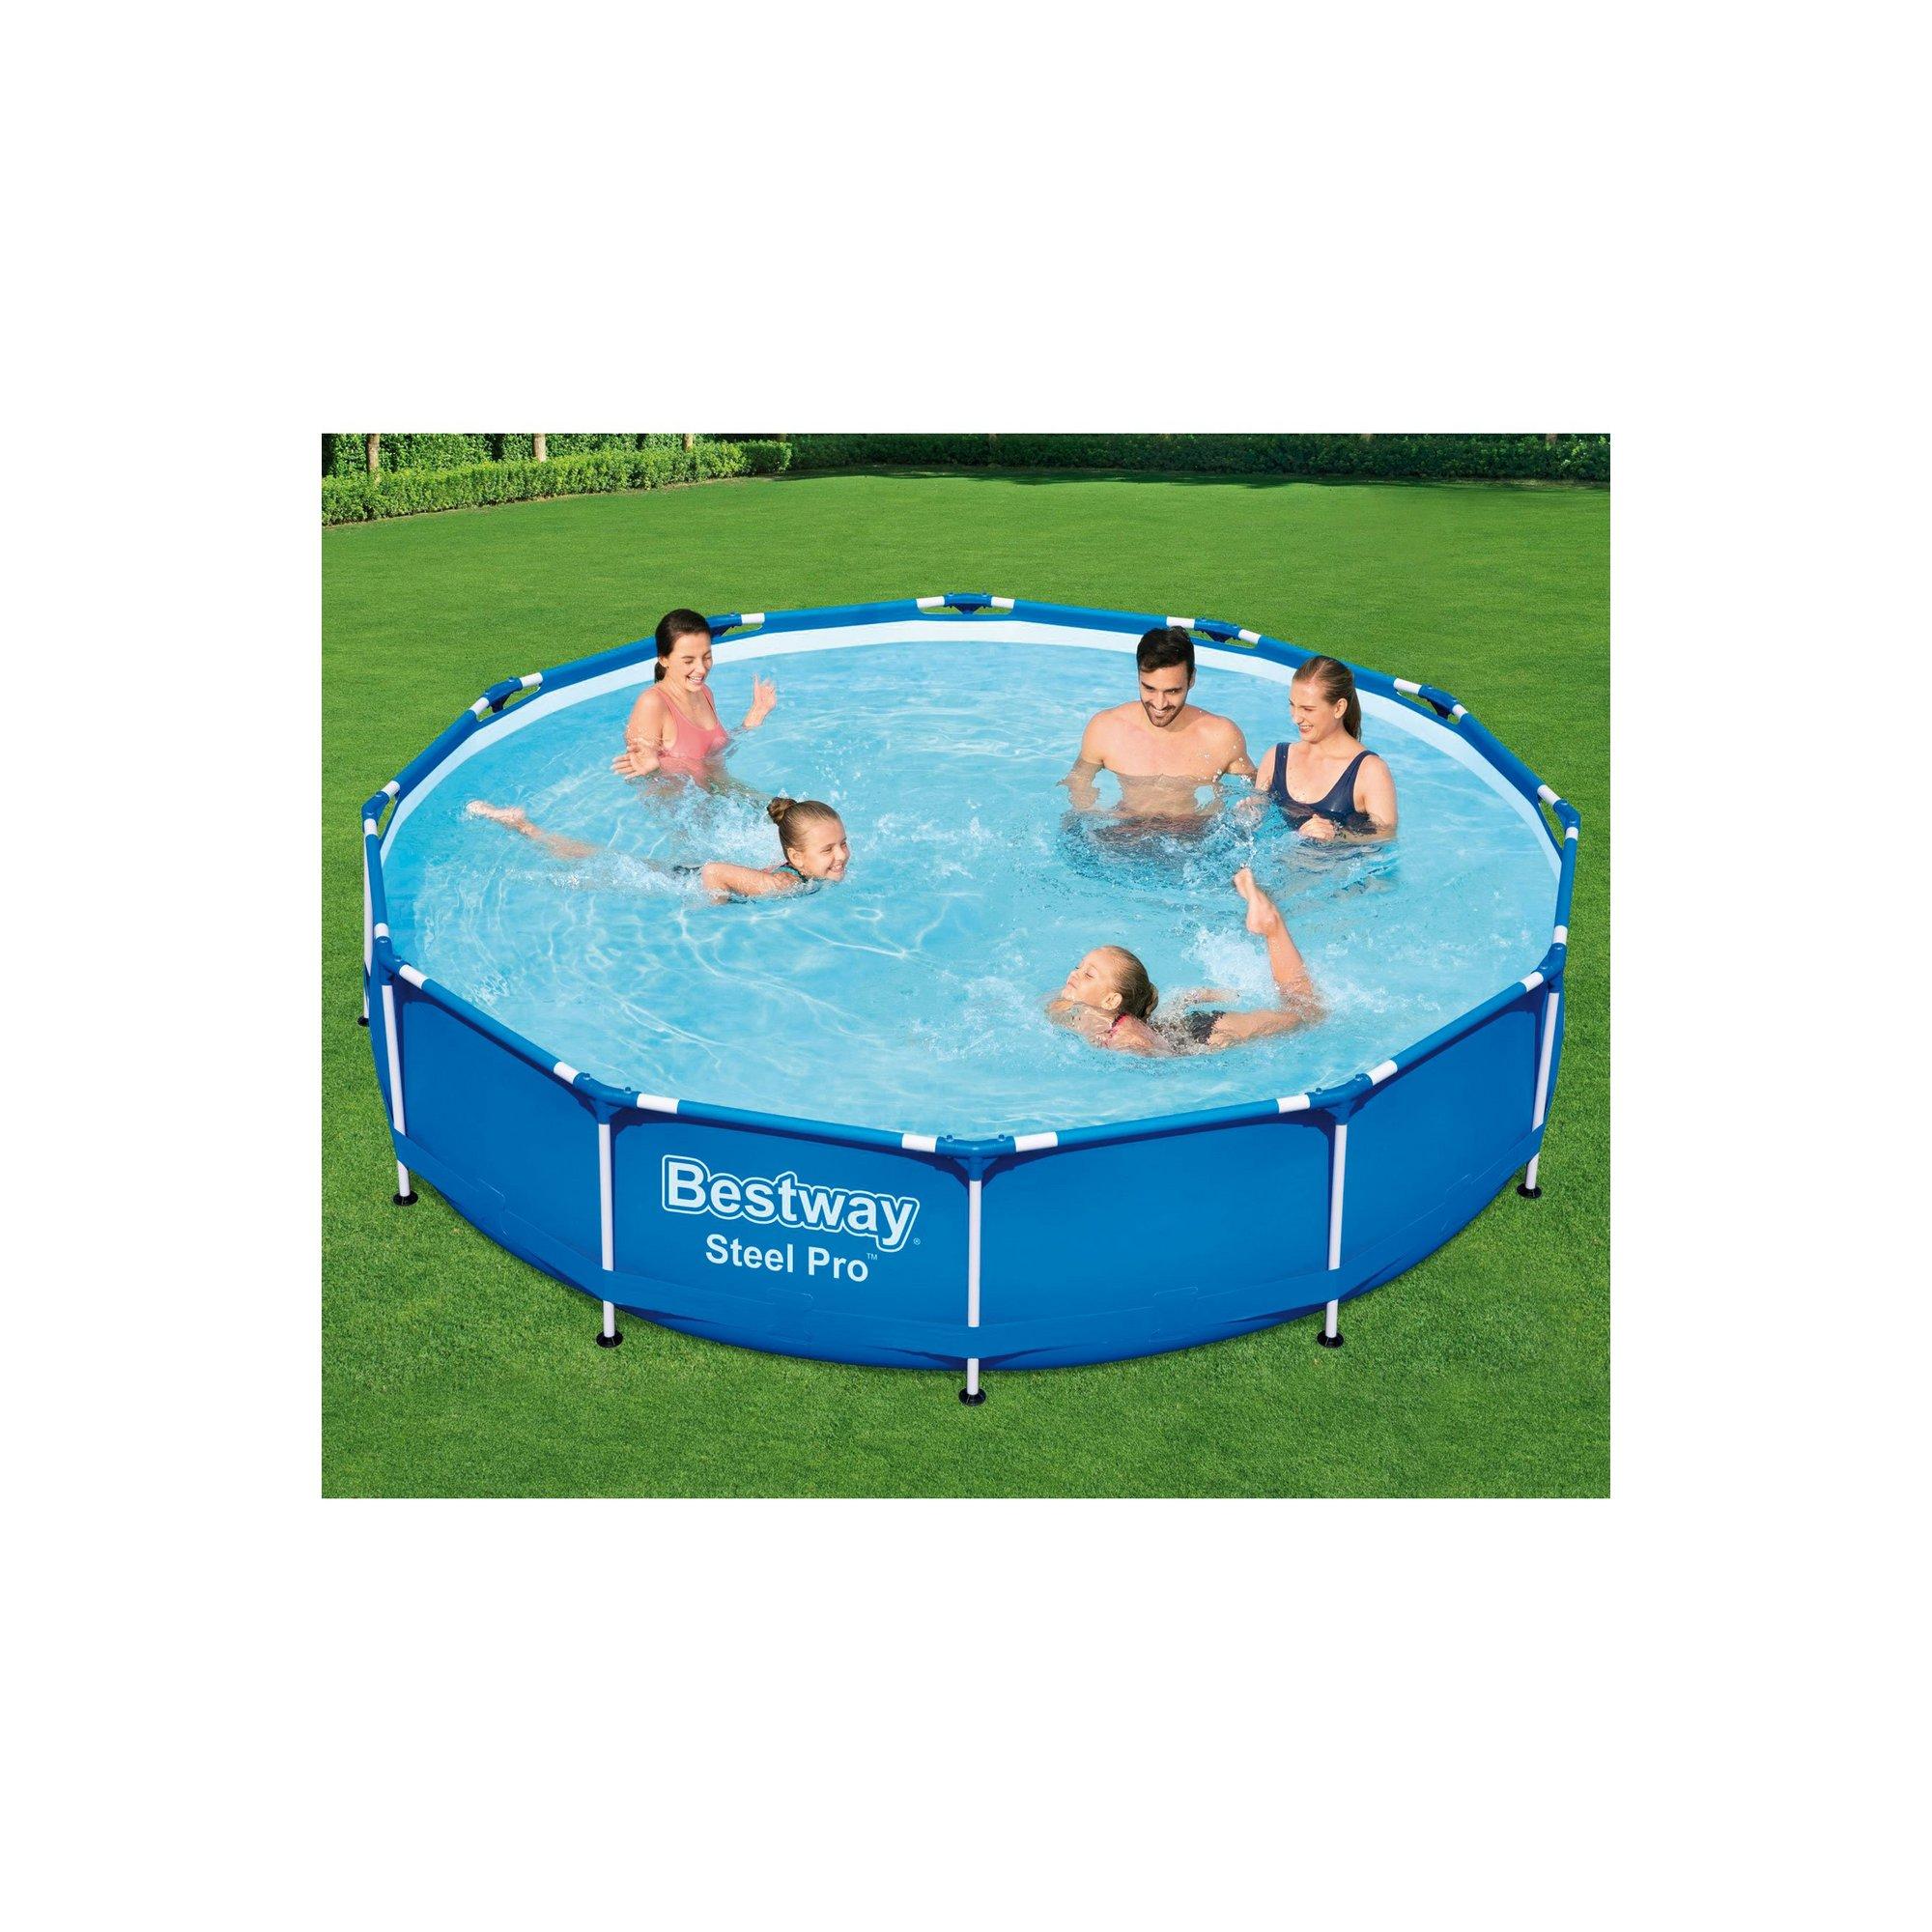 Image of Bestway 12ft Steel Pro Swimming Pool